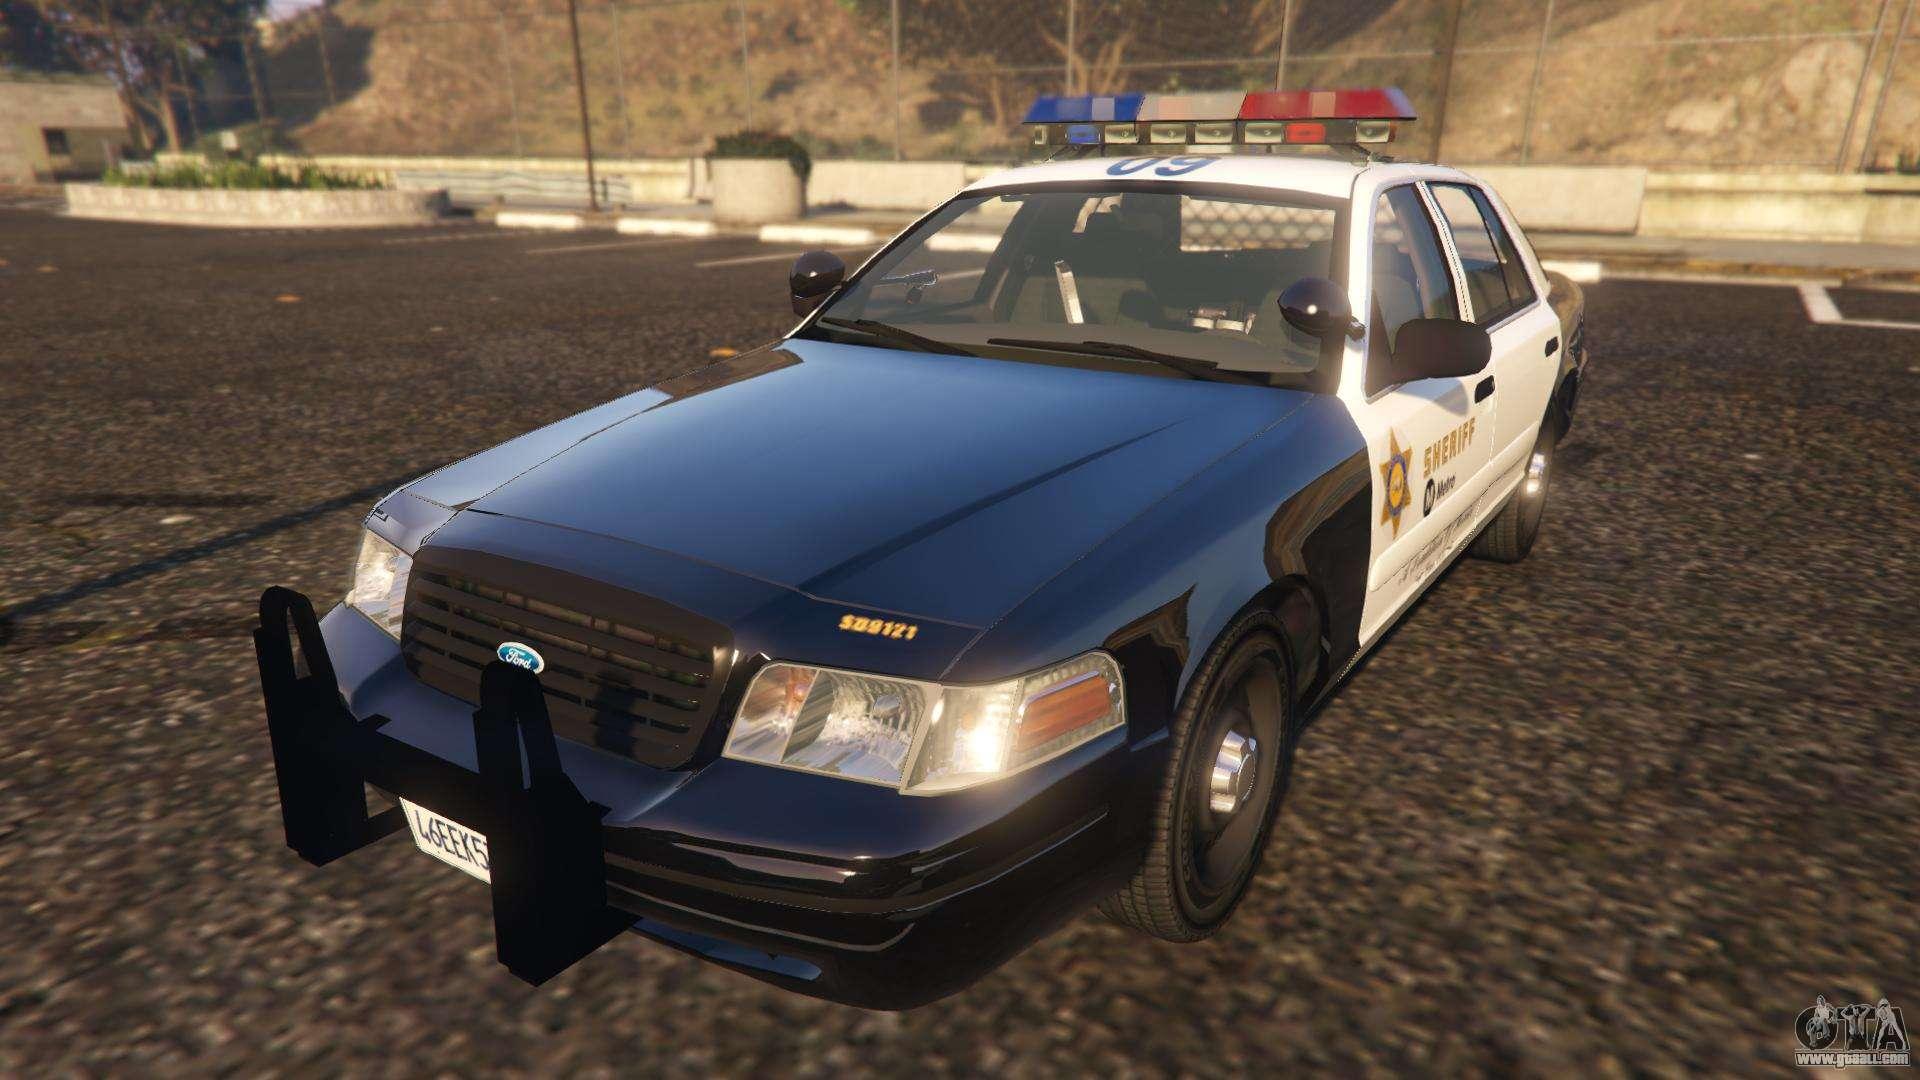 Ford Crown Victoria P71 LA Co Sheriff 1999 for GTA 5